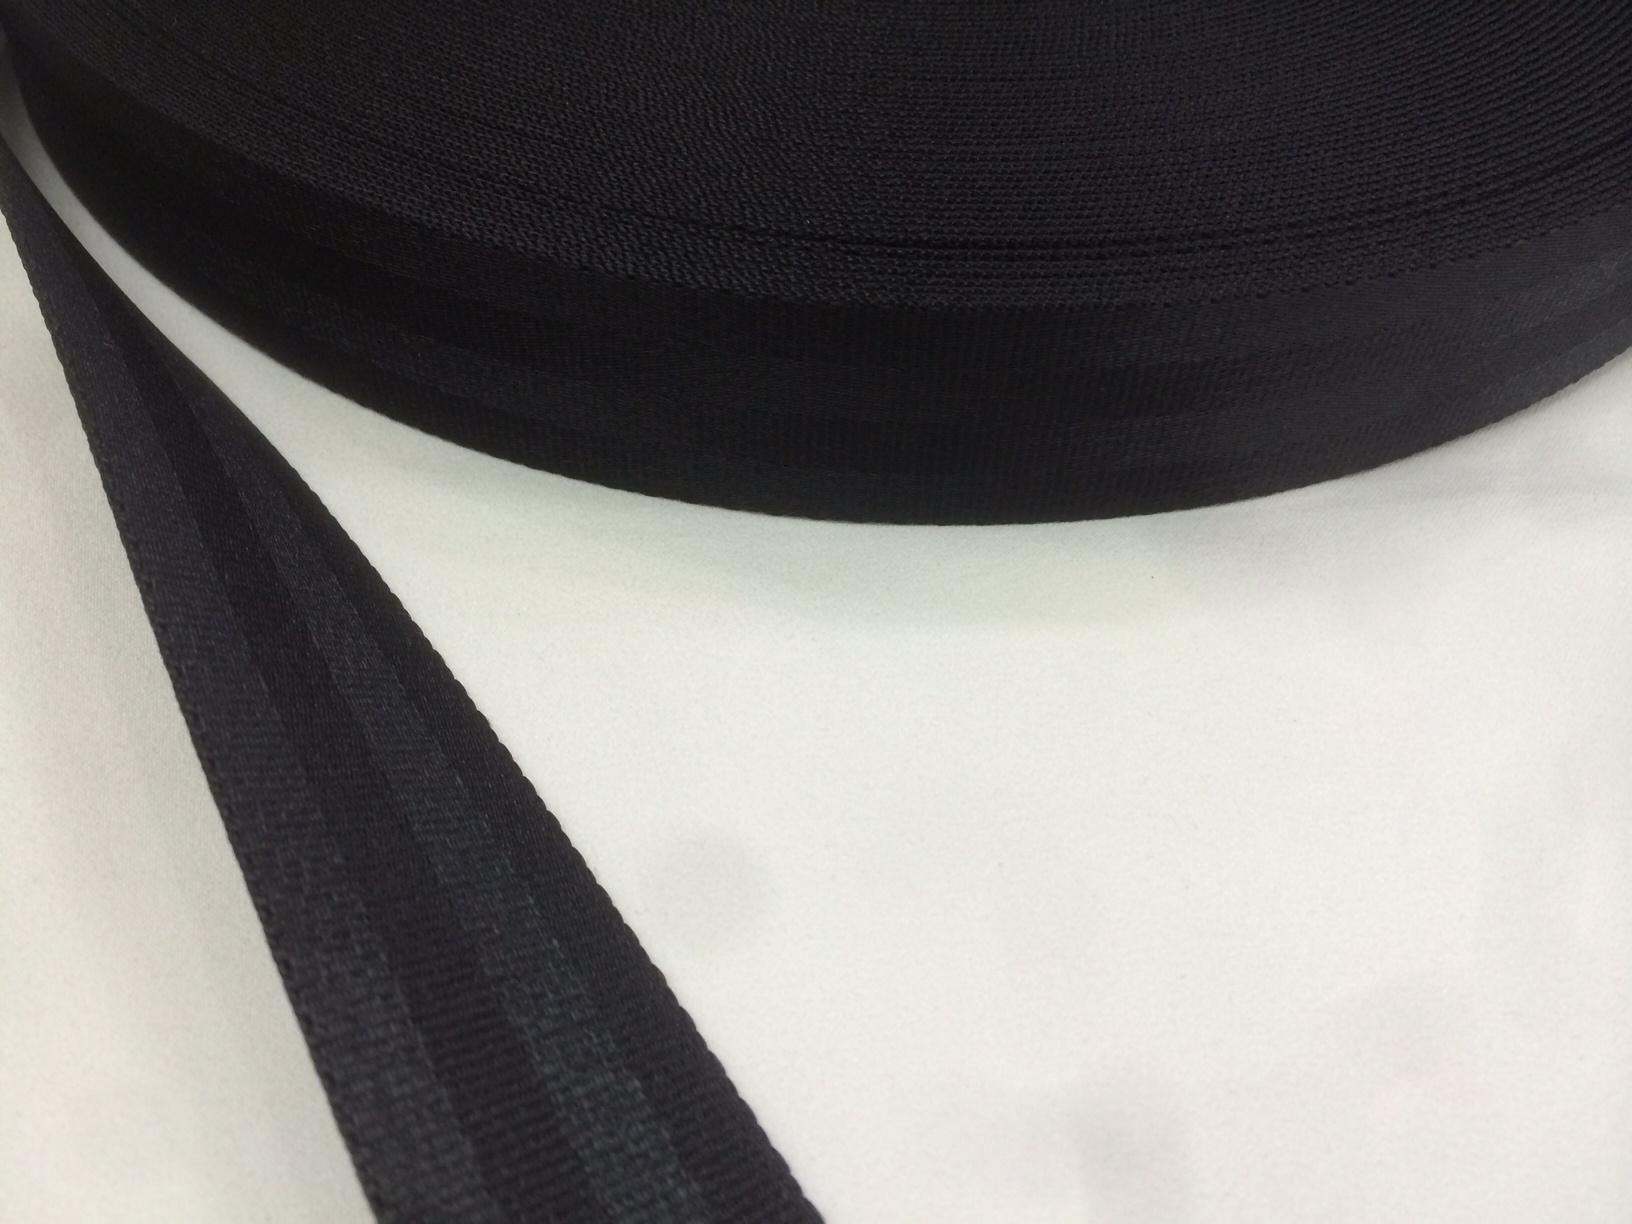 ナイロン 二つ山織 30㎜幅 1.6㎜厚 黒 5m